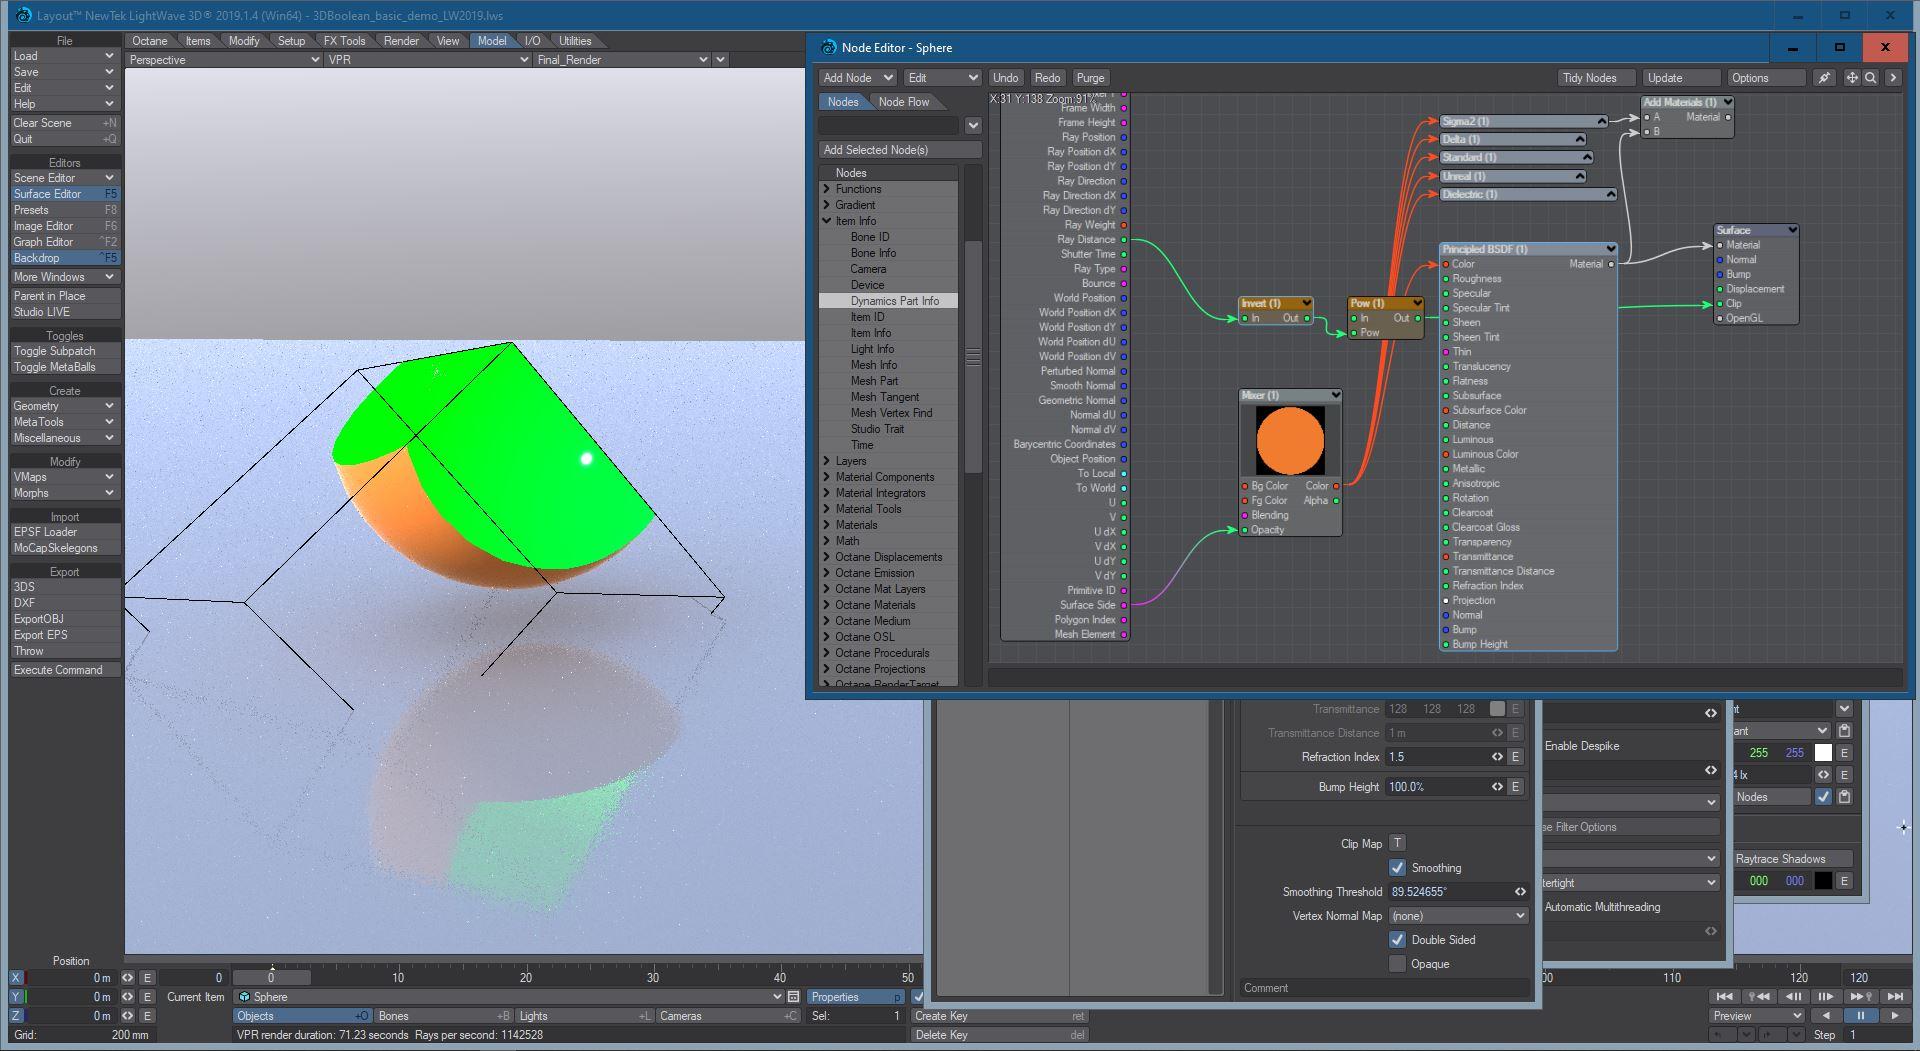 Nome: 2020-02-14 14_24_37-Layout™ NewTek LightWave 3D® 2019.1.4 (Win64) - 3DBoolean_basic_demo_LW2019..jpg Visite: 16 Dimensione: 262.1 KB